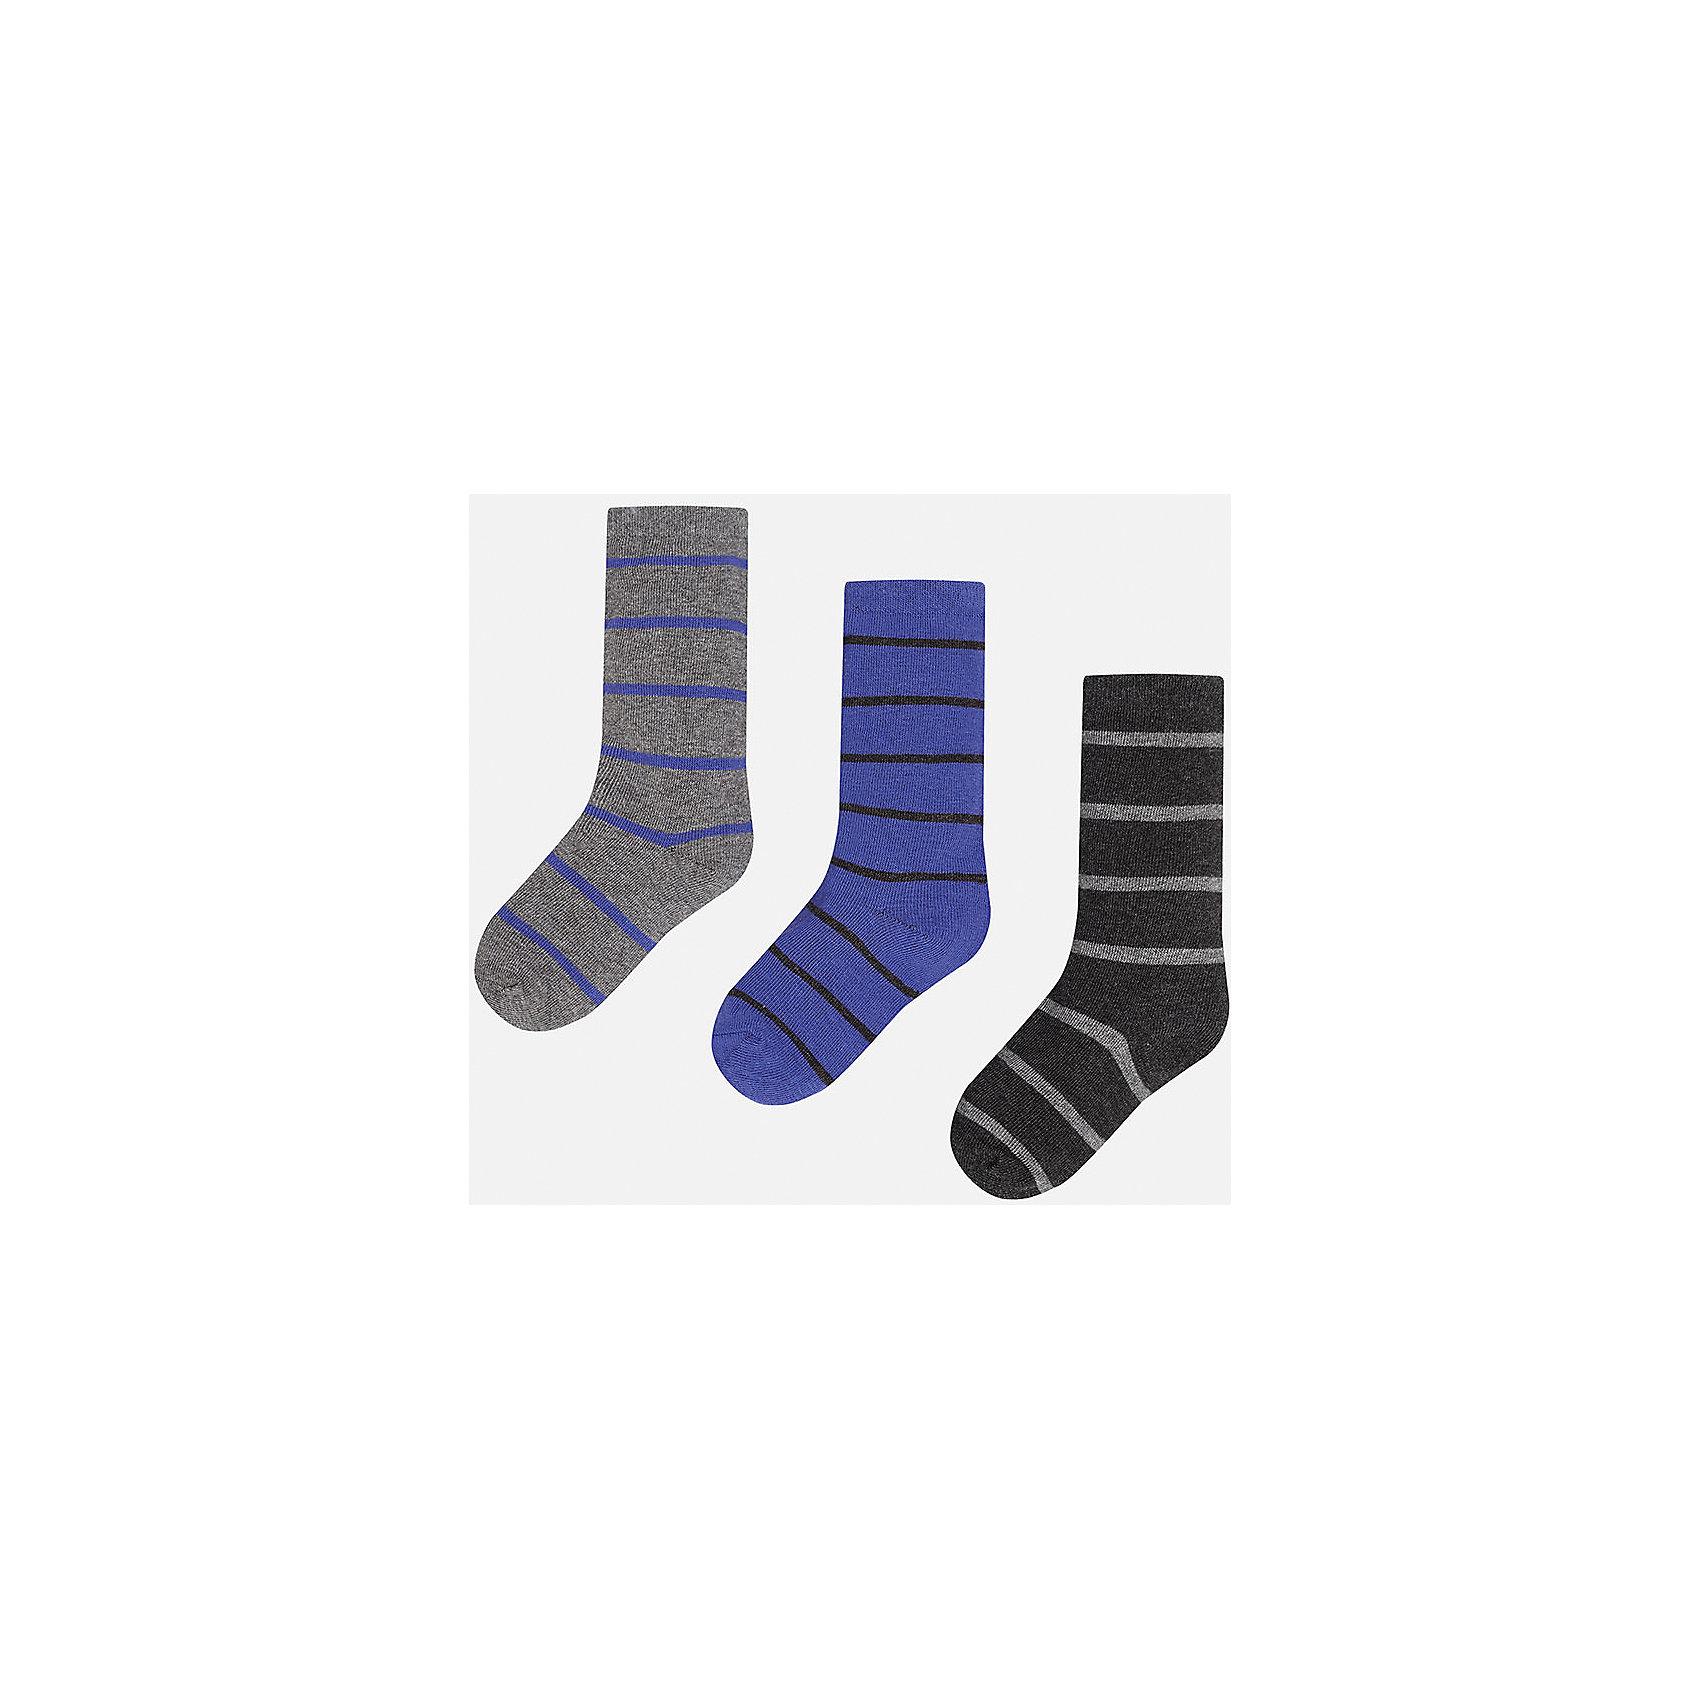 Носки для мальчика MayoralНоски<br>Комплект носков для мальчика от известного испанского бренда Mayoral. Все носки изготовлены из дышащих, водоотталкивающих материалов. Яркие носки в полоску - хороший выбор на каждый день!<br>Дополнительная информация:<br>-цвета: серый/фиолетовый, фиолетовый/черный, черный/серый<br>-состав: 72% хлопок, 25% полиамид, 3% эластан<br>Носки Mayoral можно приобрести в нашем интернет-магазине.<br><br>Ширина мм: 87<br>Глубина мм: 10<br>Высота мм: 105<br>Вес г: 115<br>Цвет: синий<br>Возраст от месяцев: 132<br>Возраст до месяцев: 144<br>Пол: Мужской<br>Возраст: Детский<br>Размер: 12,14,16,18,8,10<br>SKU: 4820260